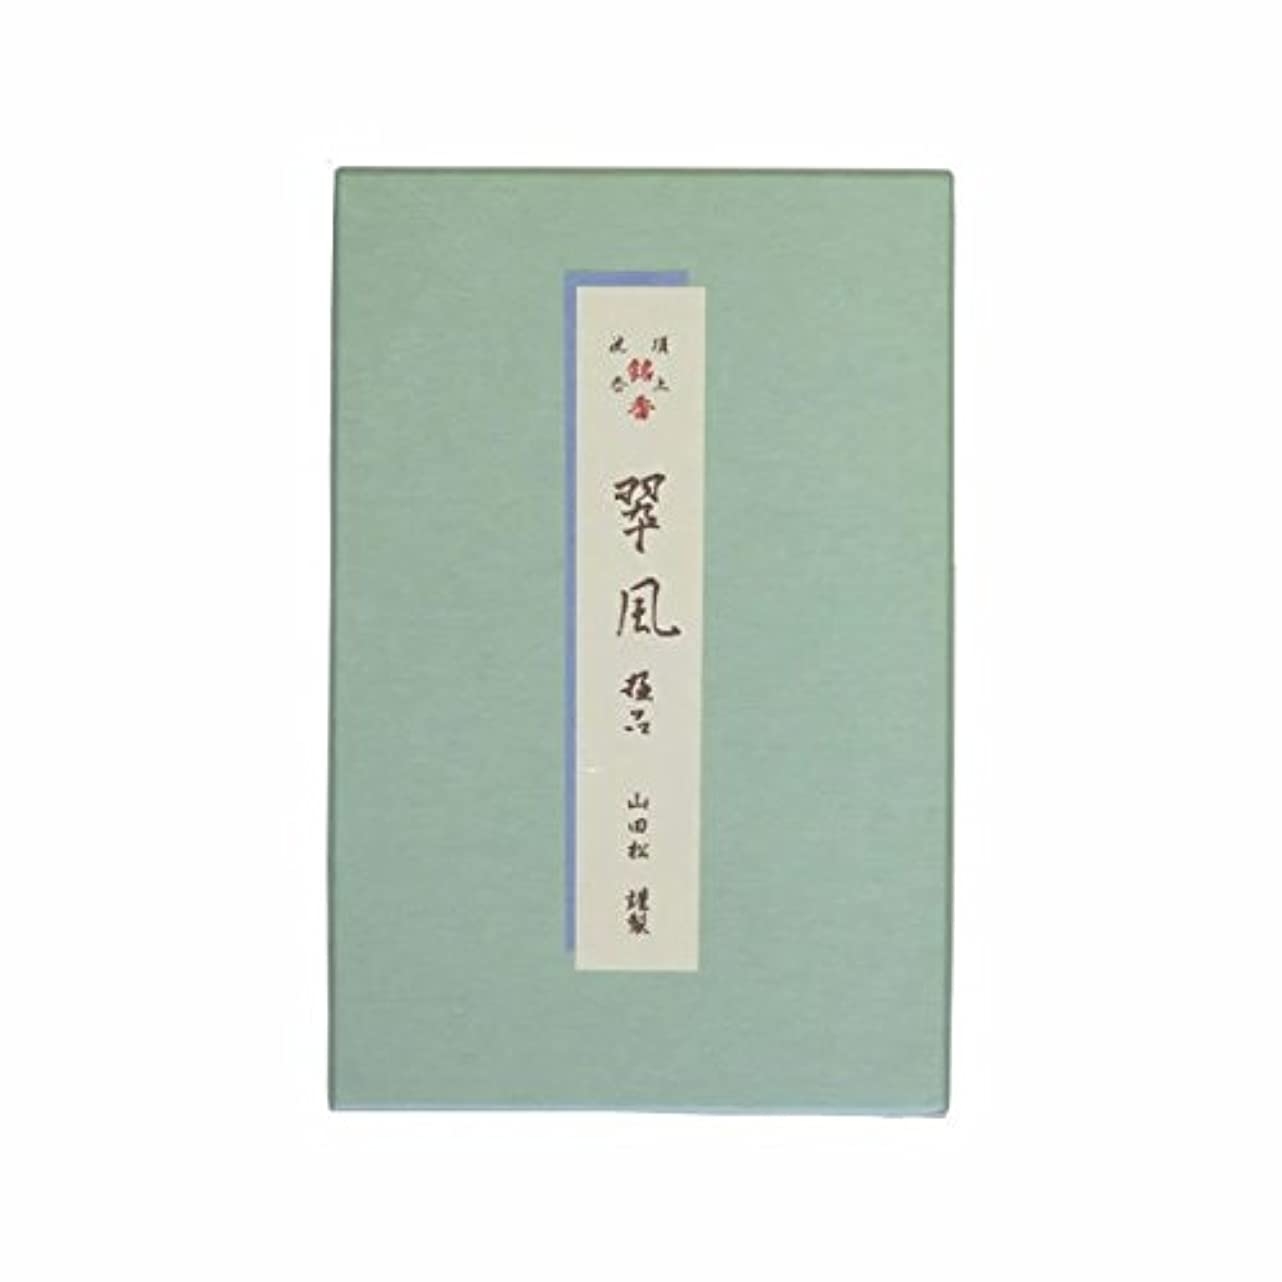 ハンサム境界ミニ翠風(極品) 短寸 バラ詰